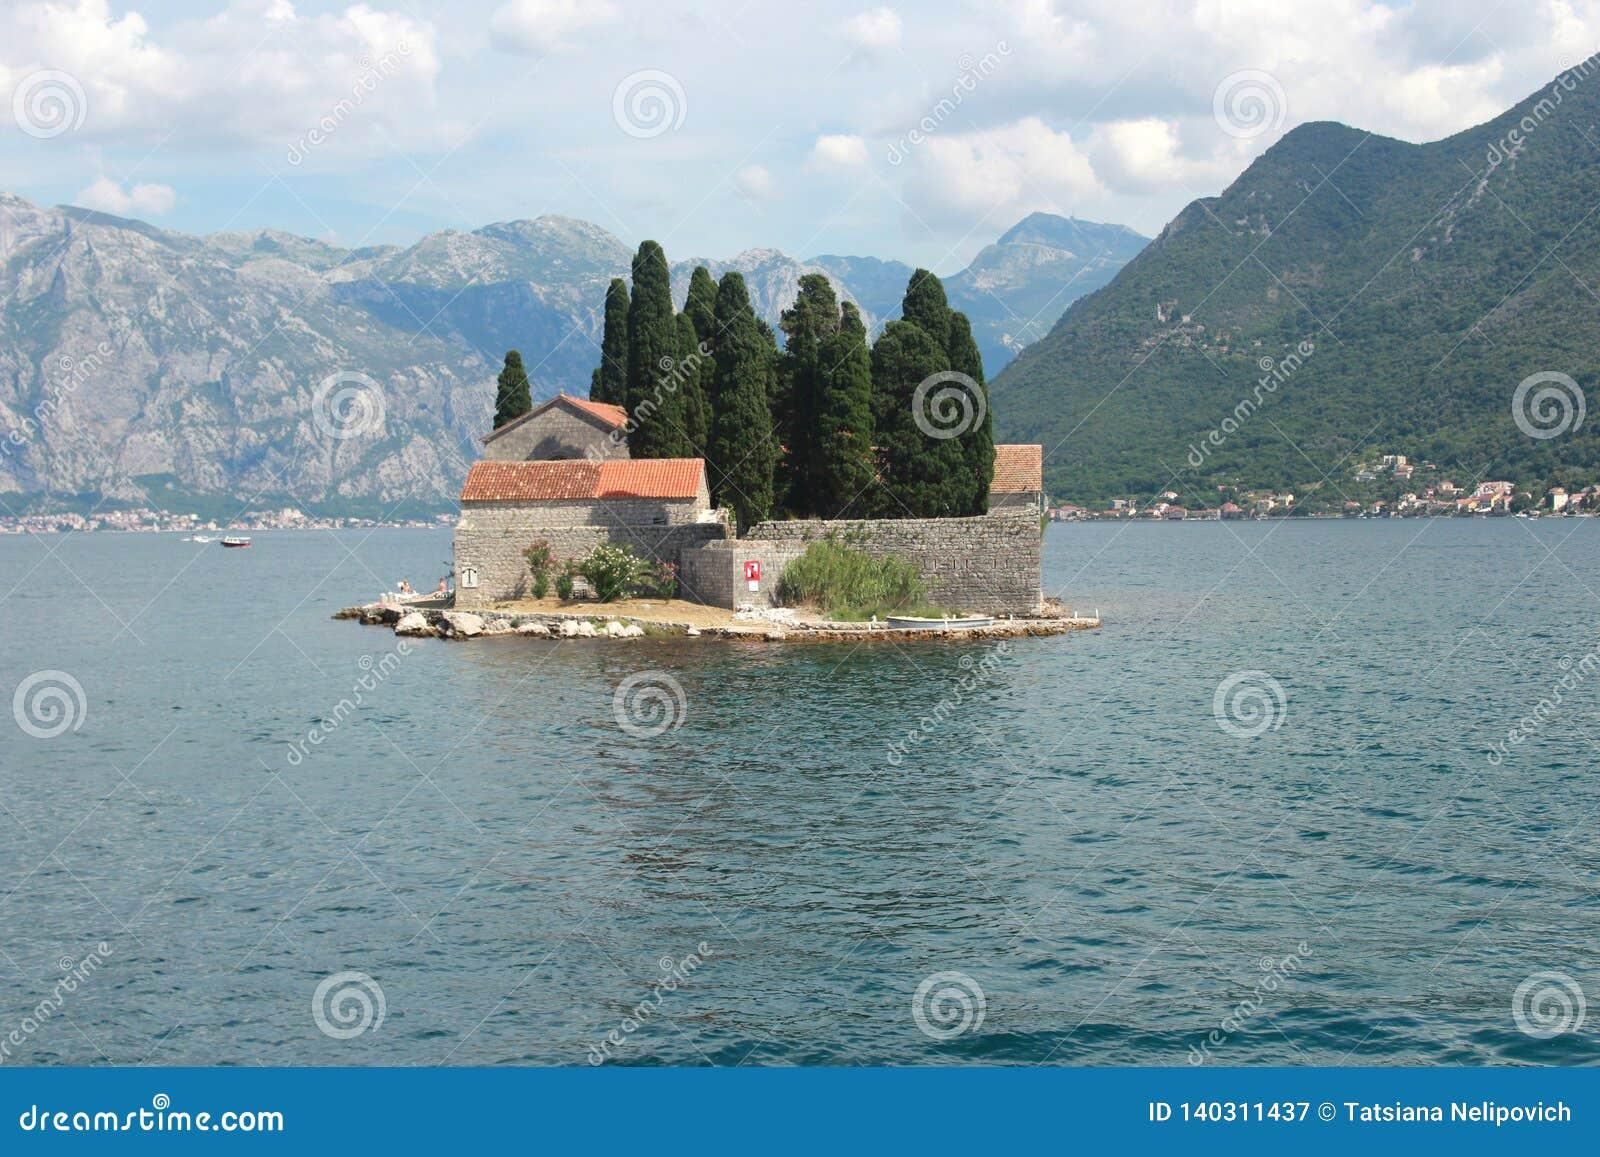 Heiliges George Island mit einem Benediktinerkloster in der Bucht von Kotor - Montenegro